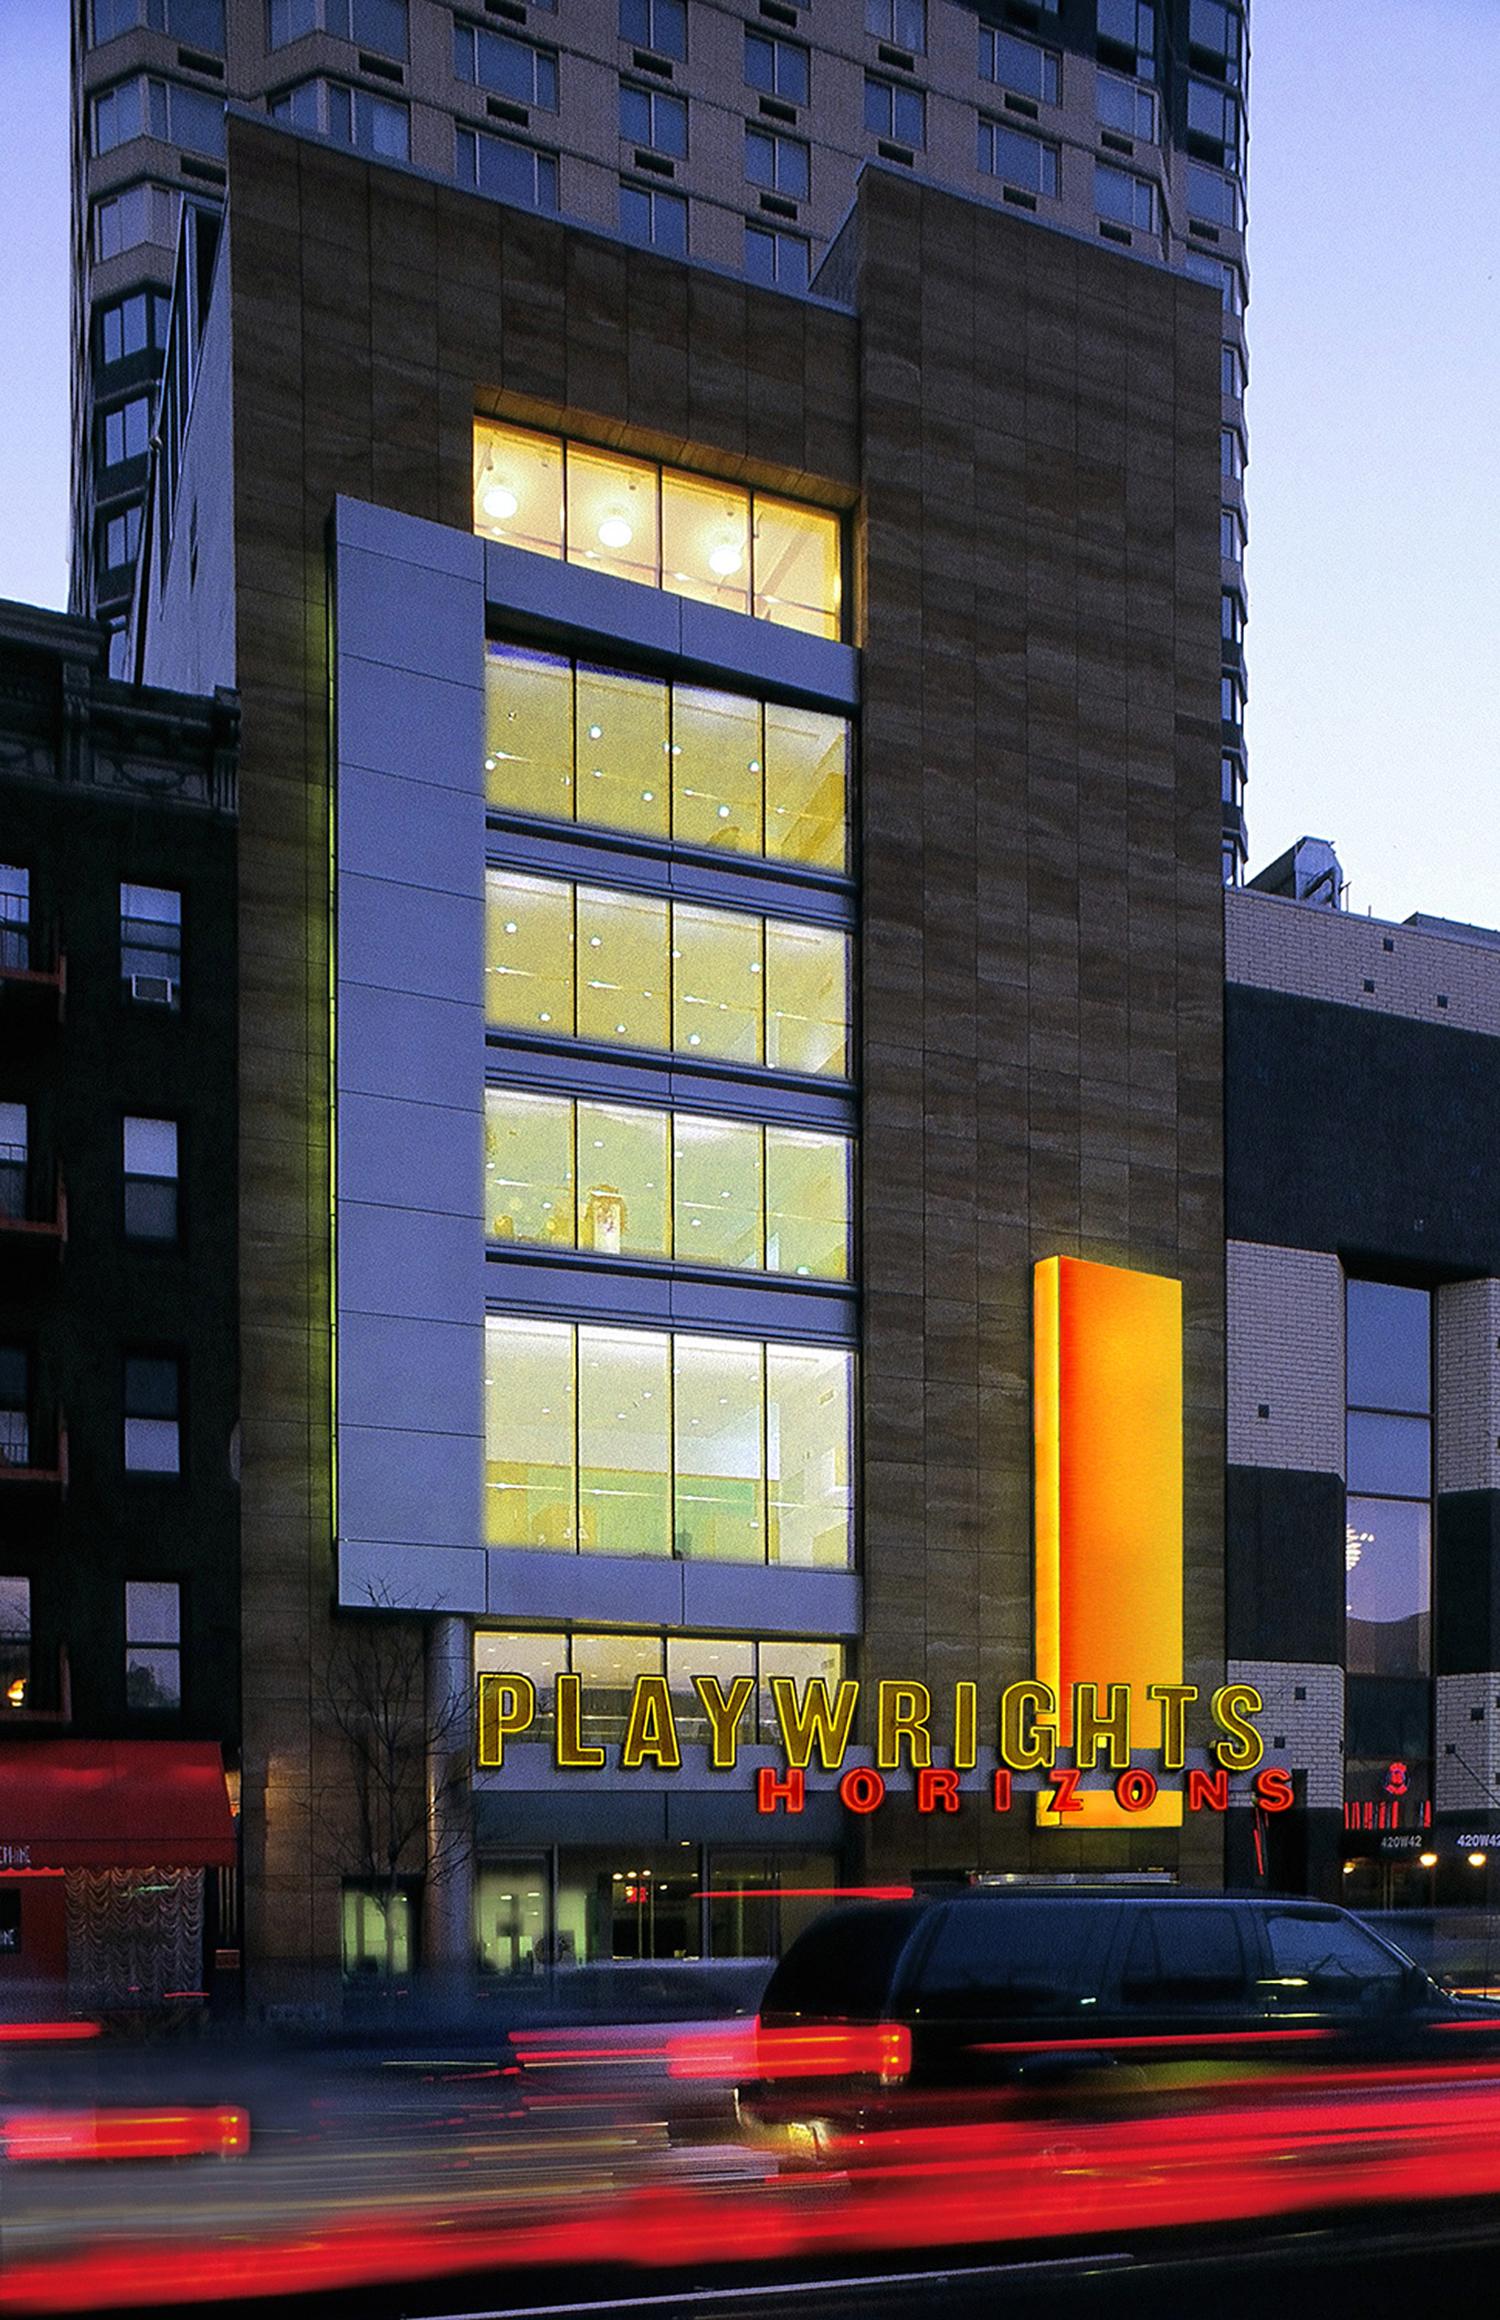 42nd Street facade